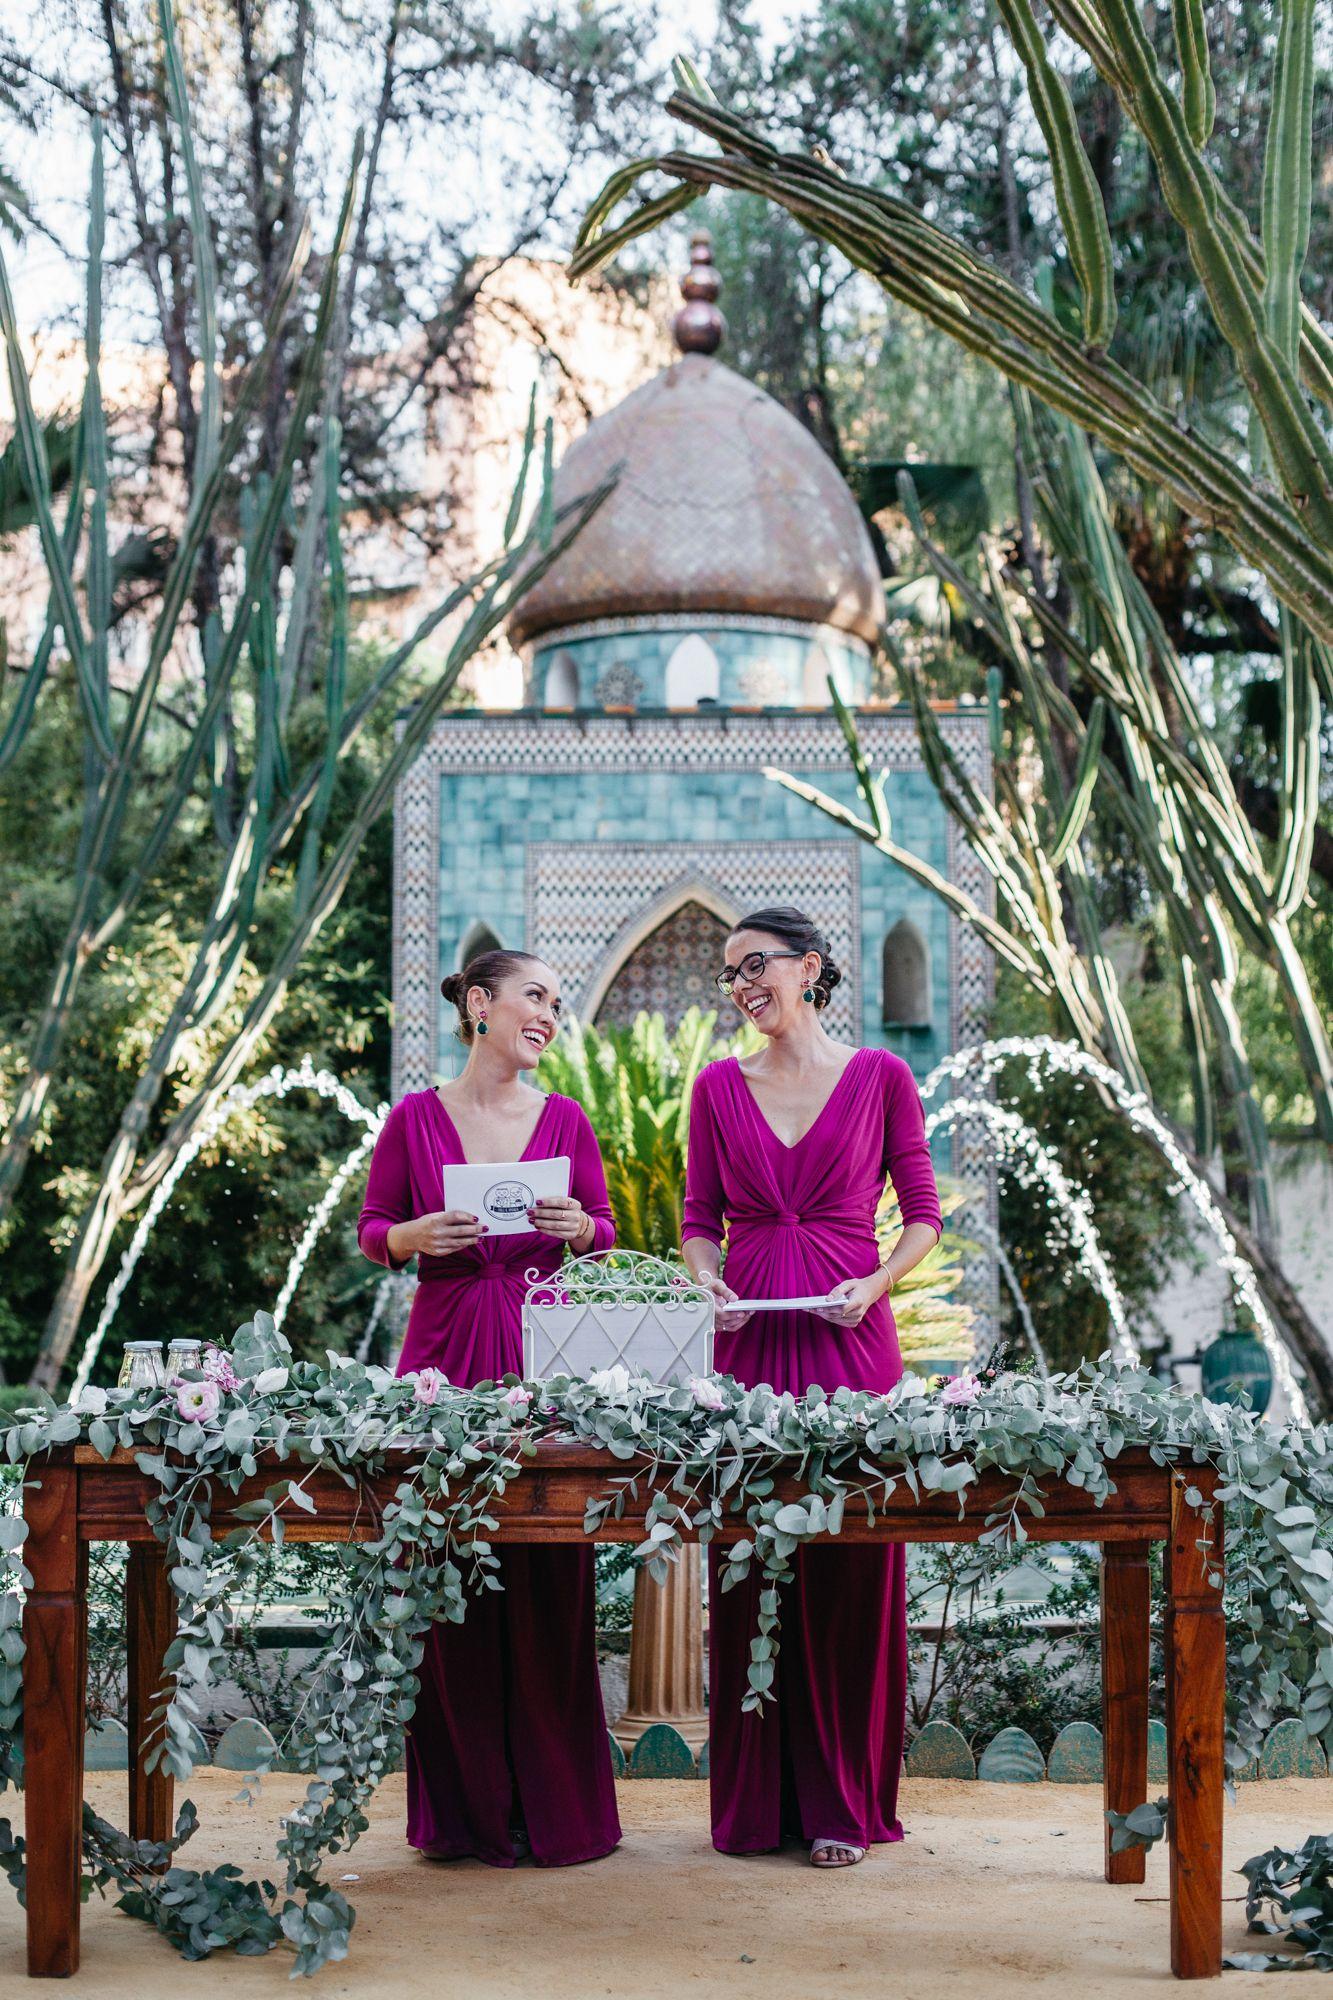 La boda de Amanda y Jorge en Villa Luisa 21